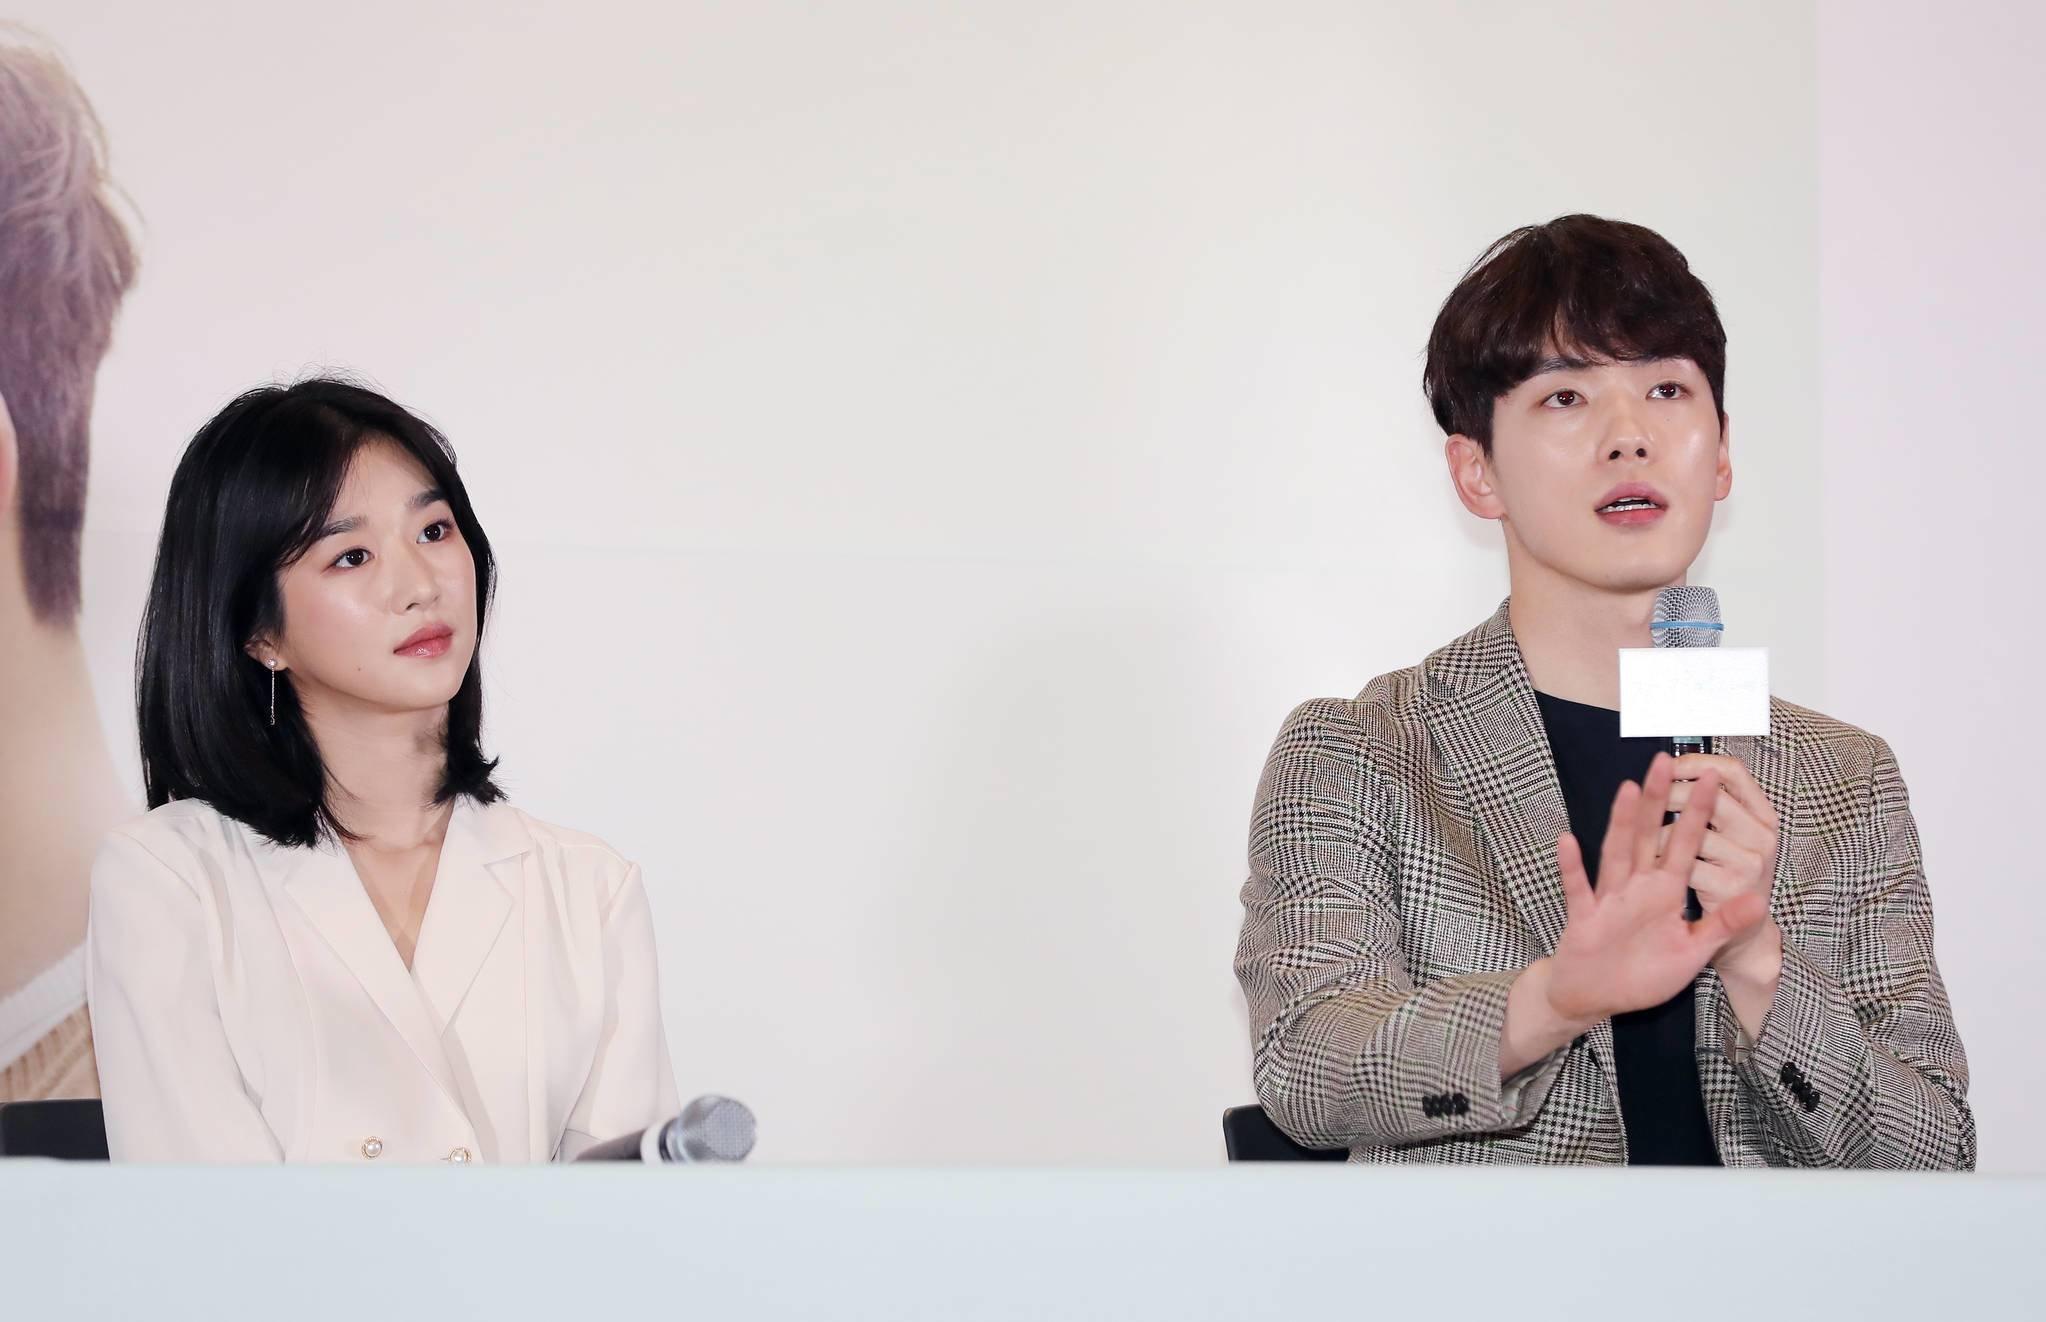 """서예지가 조종""""…김정현, 여배우와 불화설 난 드라마 하차 배경엔 - 중앙일보"""